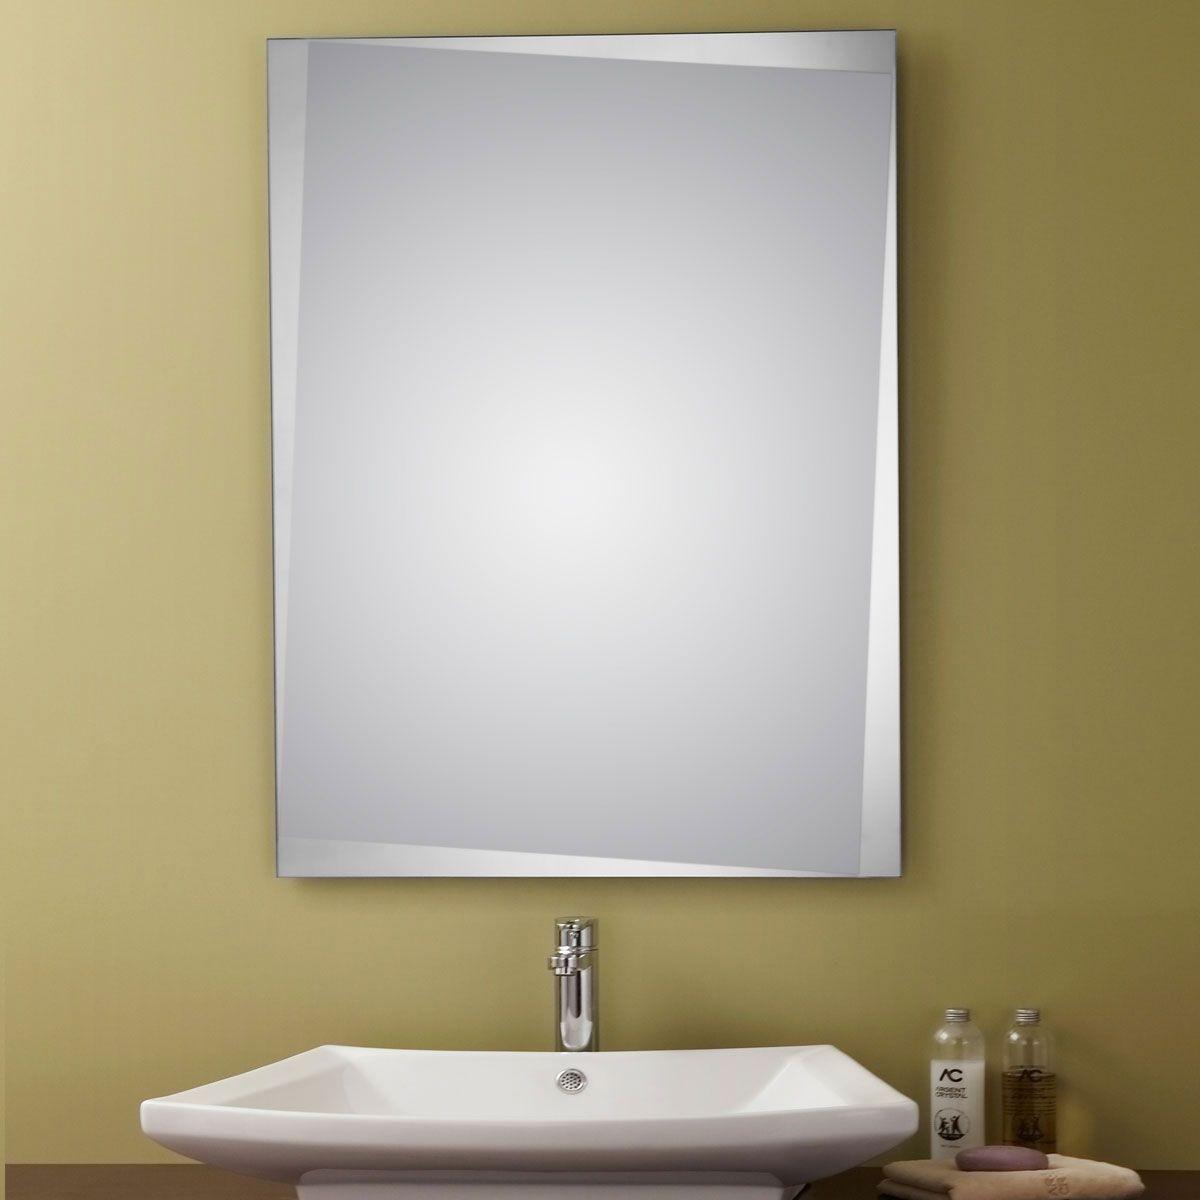 24 x 32 po miroir argent sans cadre de salle de bains for Miroir biseaute sans cadre